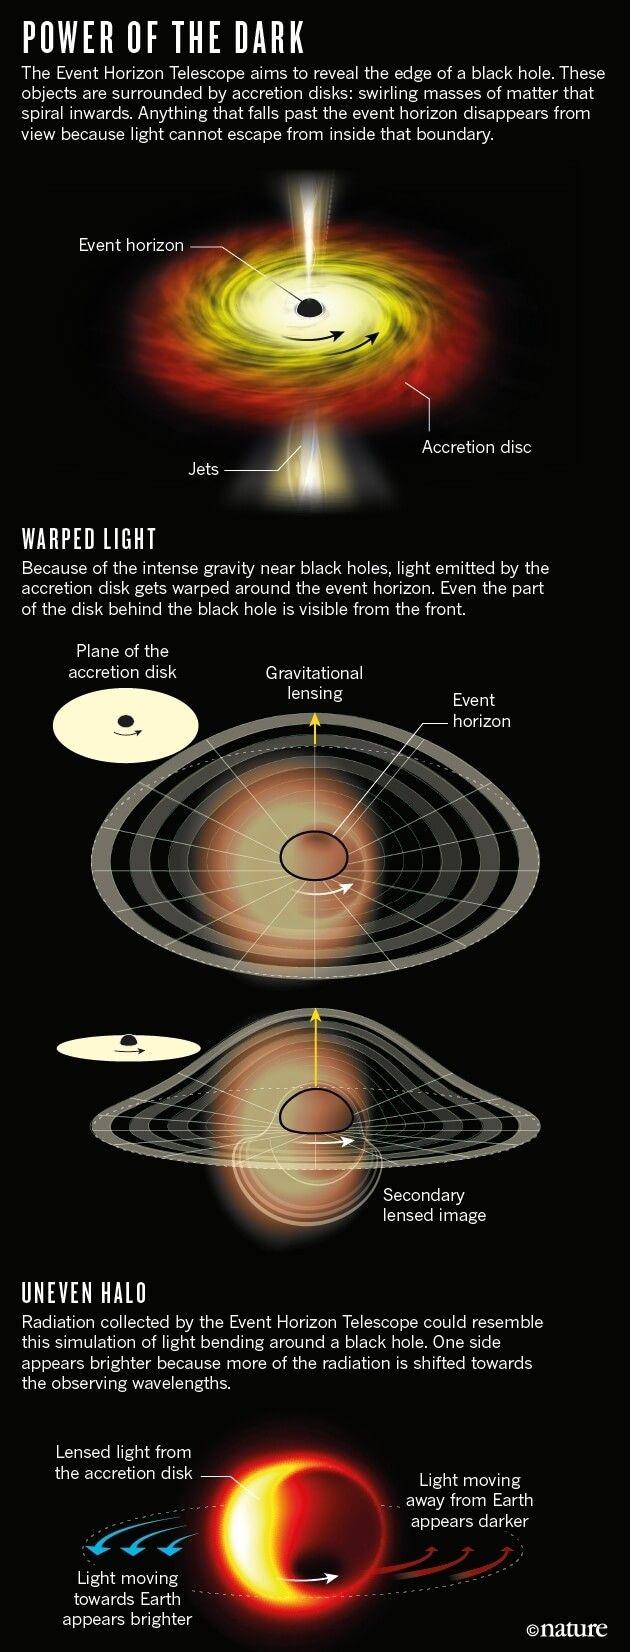 Kosmologie: Sehen wir bald das erste Schwarze Loch?